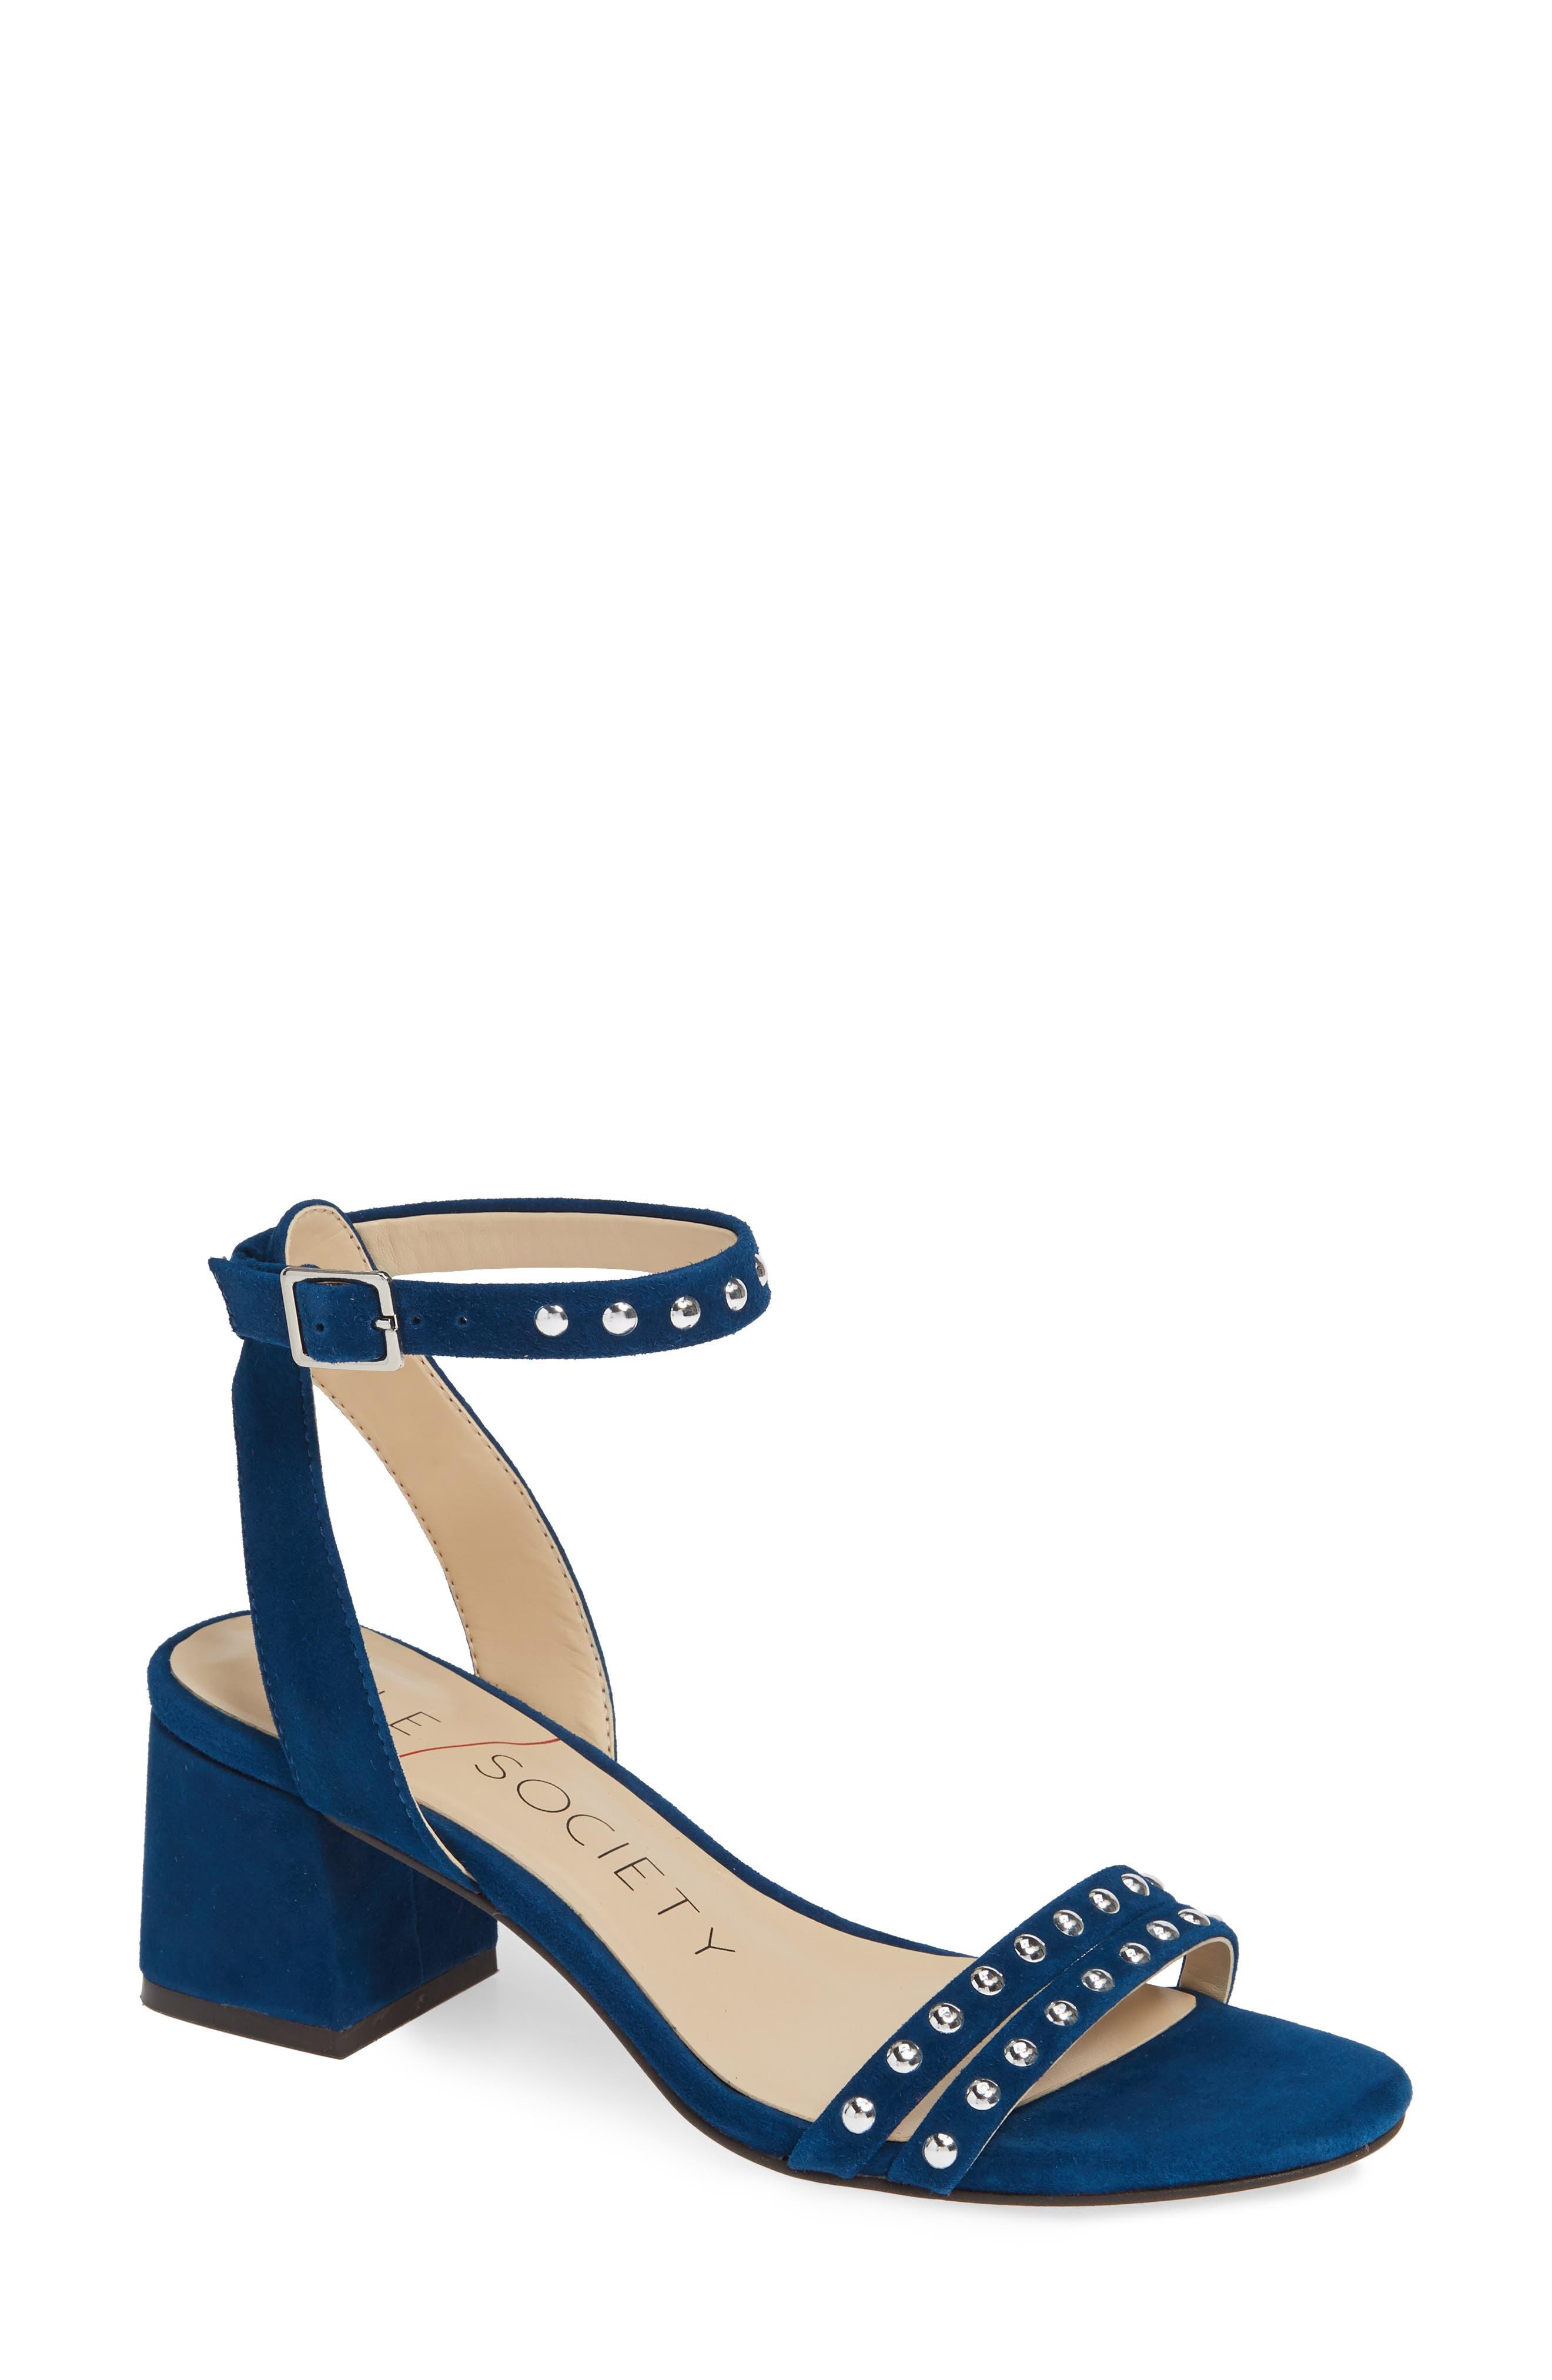 Hezzter Studded Sandal,                             Main thumbnail 1, color,                             CERULEAN BLUE SUEDE